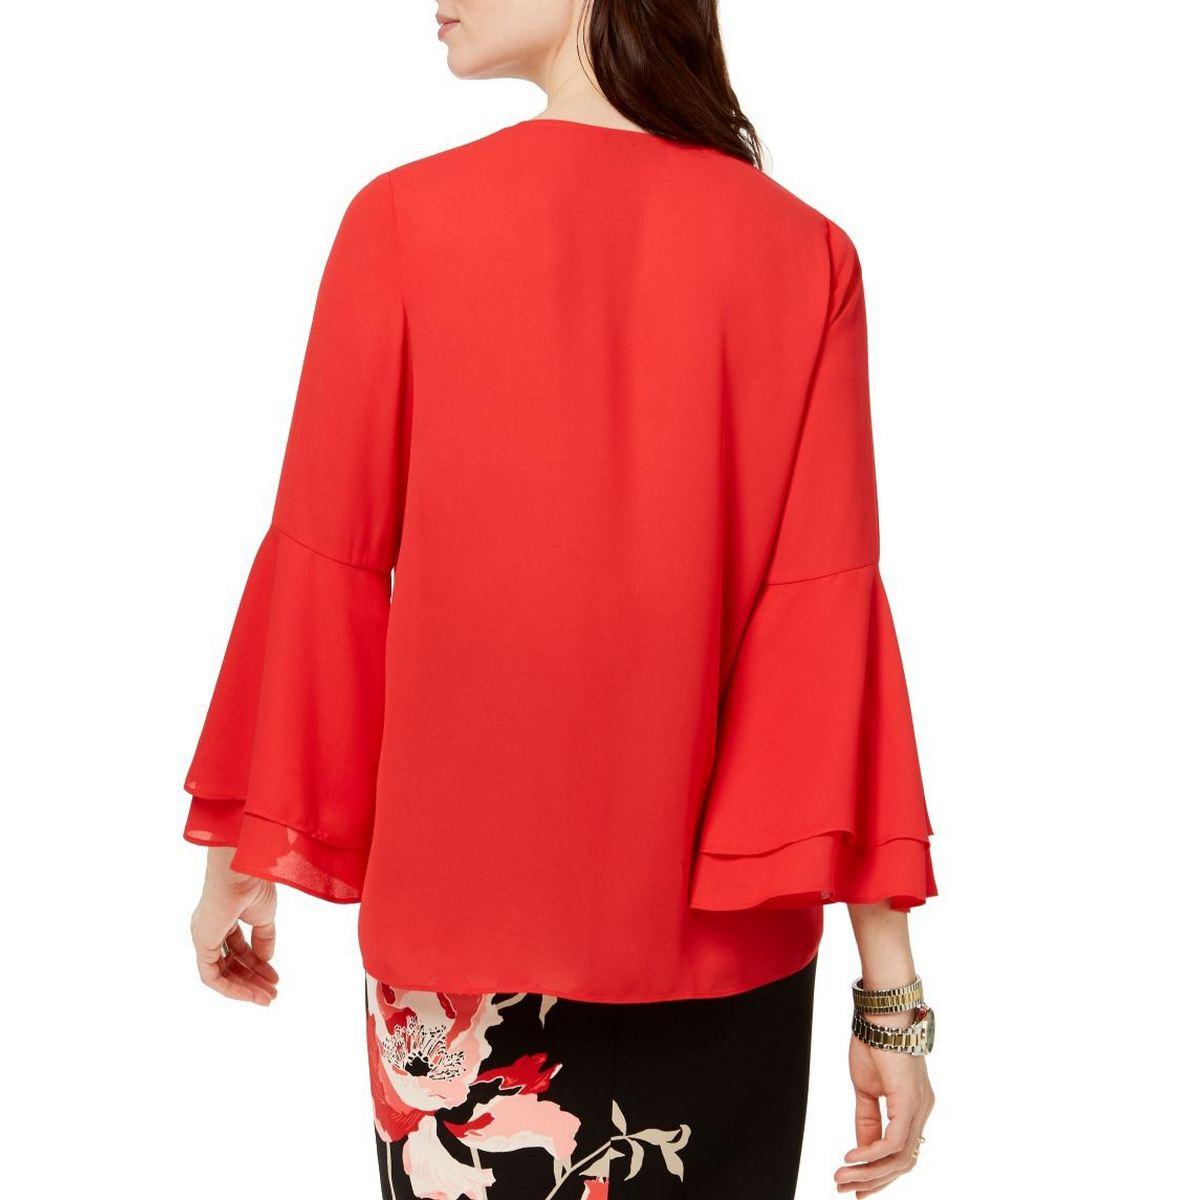 ALFANI-NEW-Women-039-s-V-neck-Bell-Sleeve-Blouse-Shirt-Top-TEDO thumbnail 5